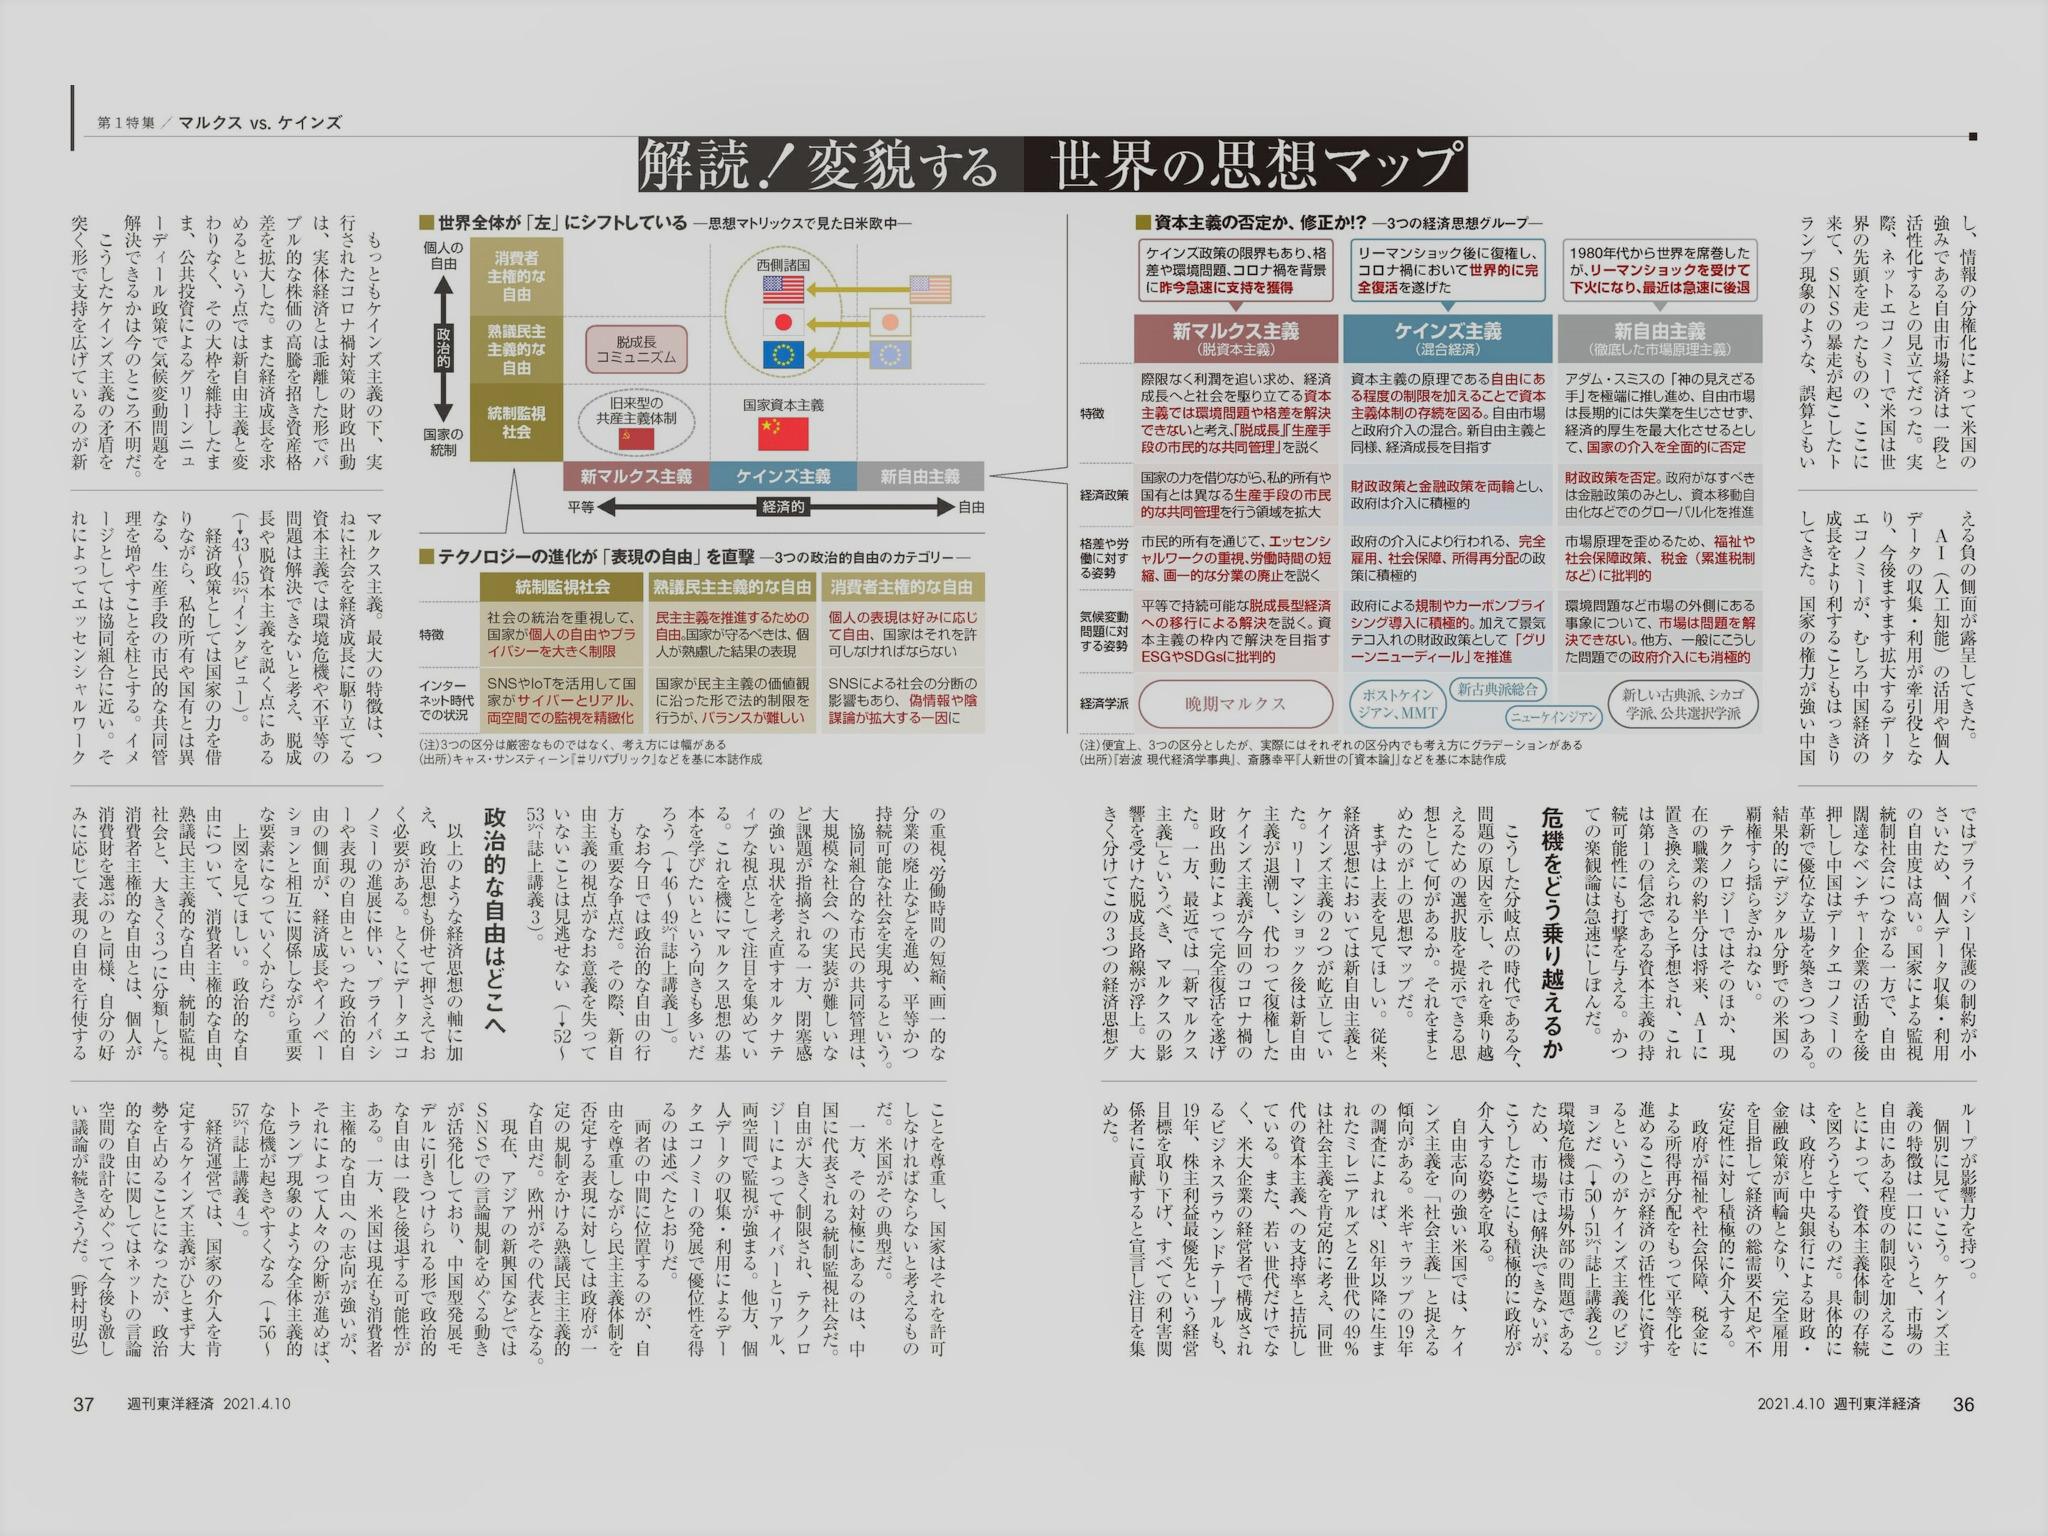 東洋経済 マルクスvs.ケインズ ―― 変貌する世界の思想マップ